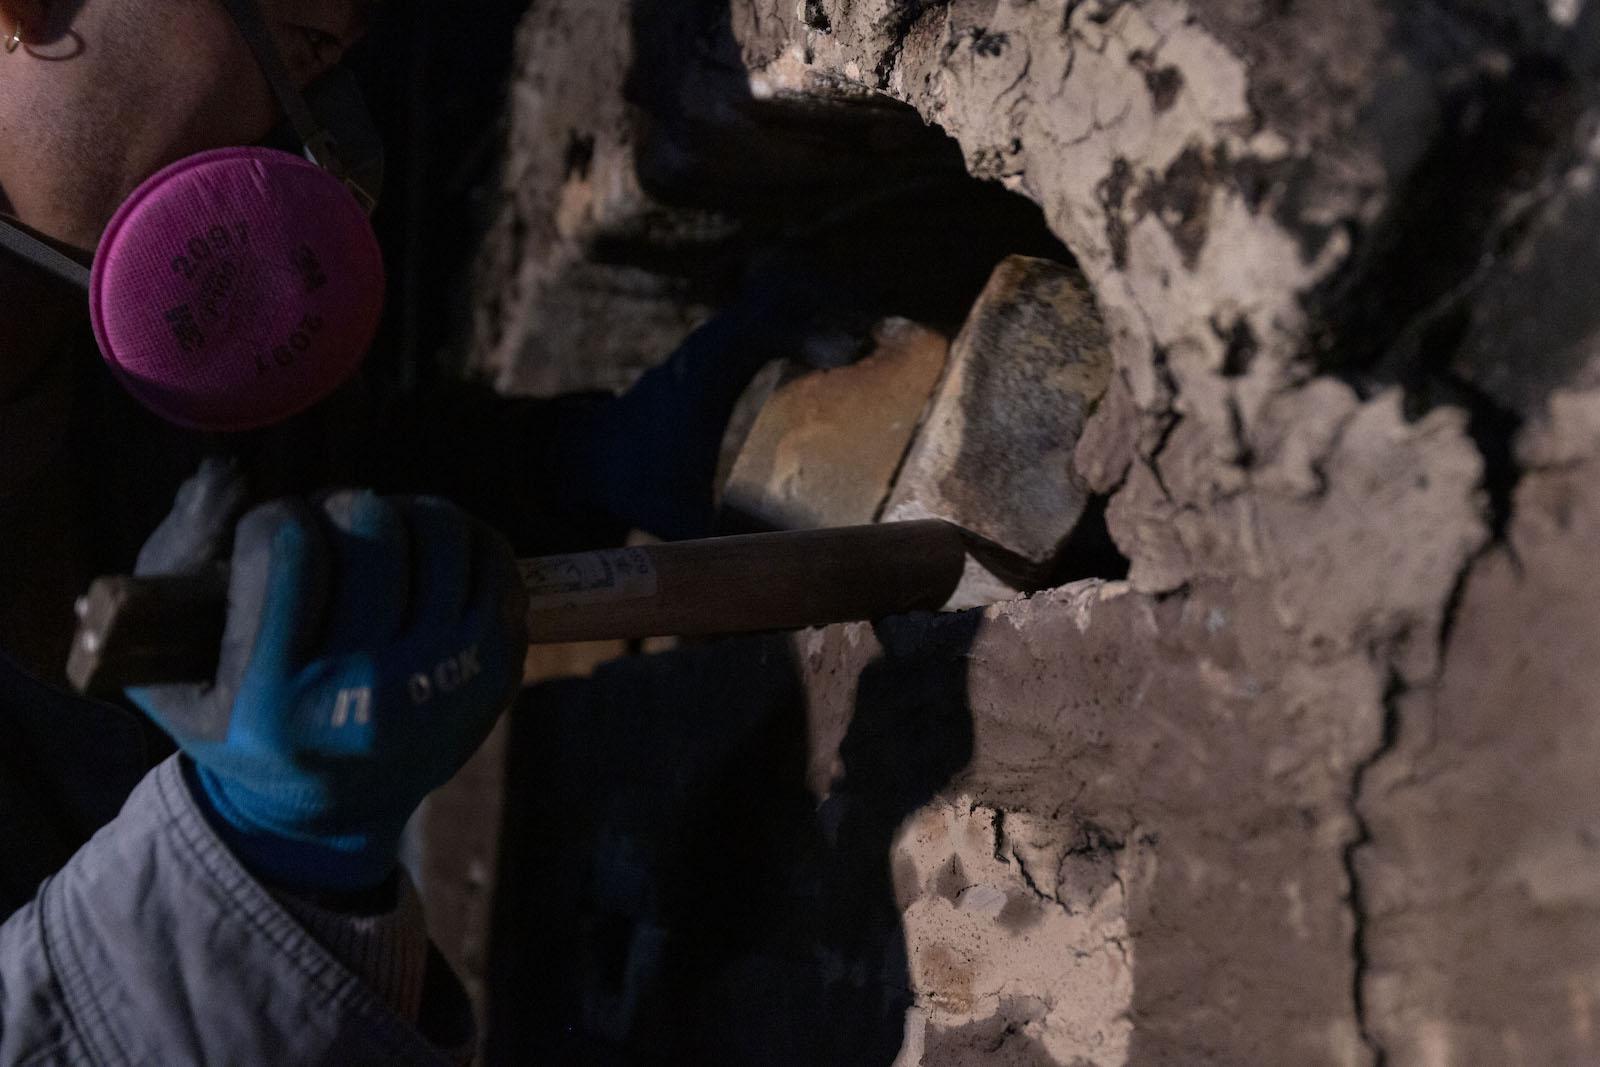 レンガで密閉していた入口部分を引き剥がすようにして窯を開ける。